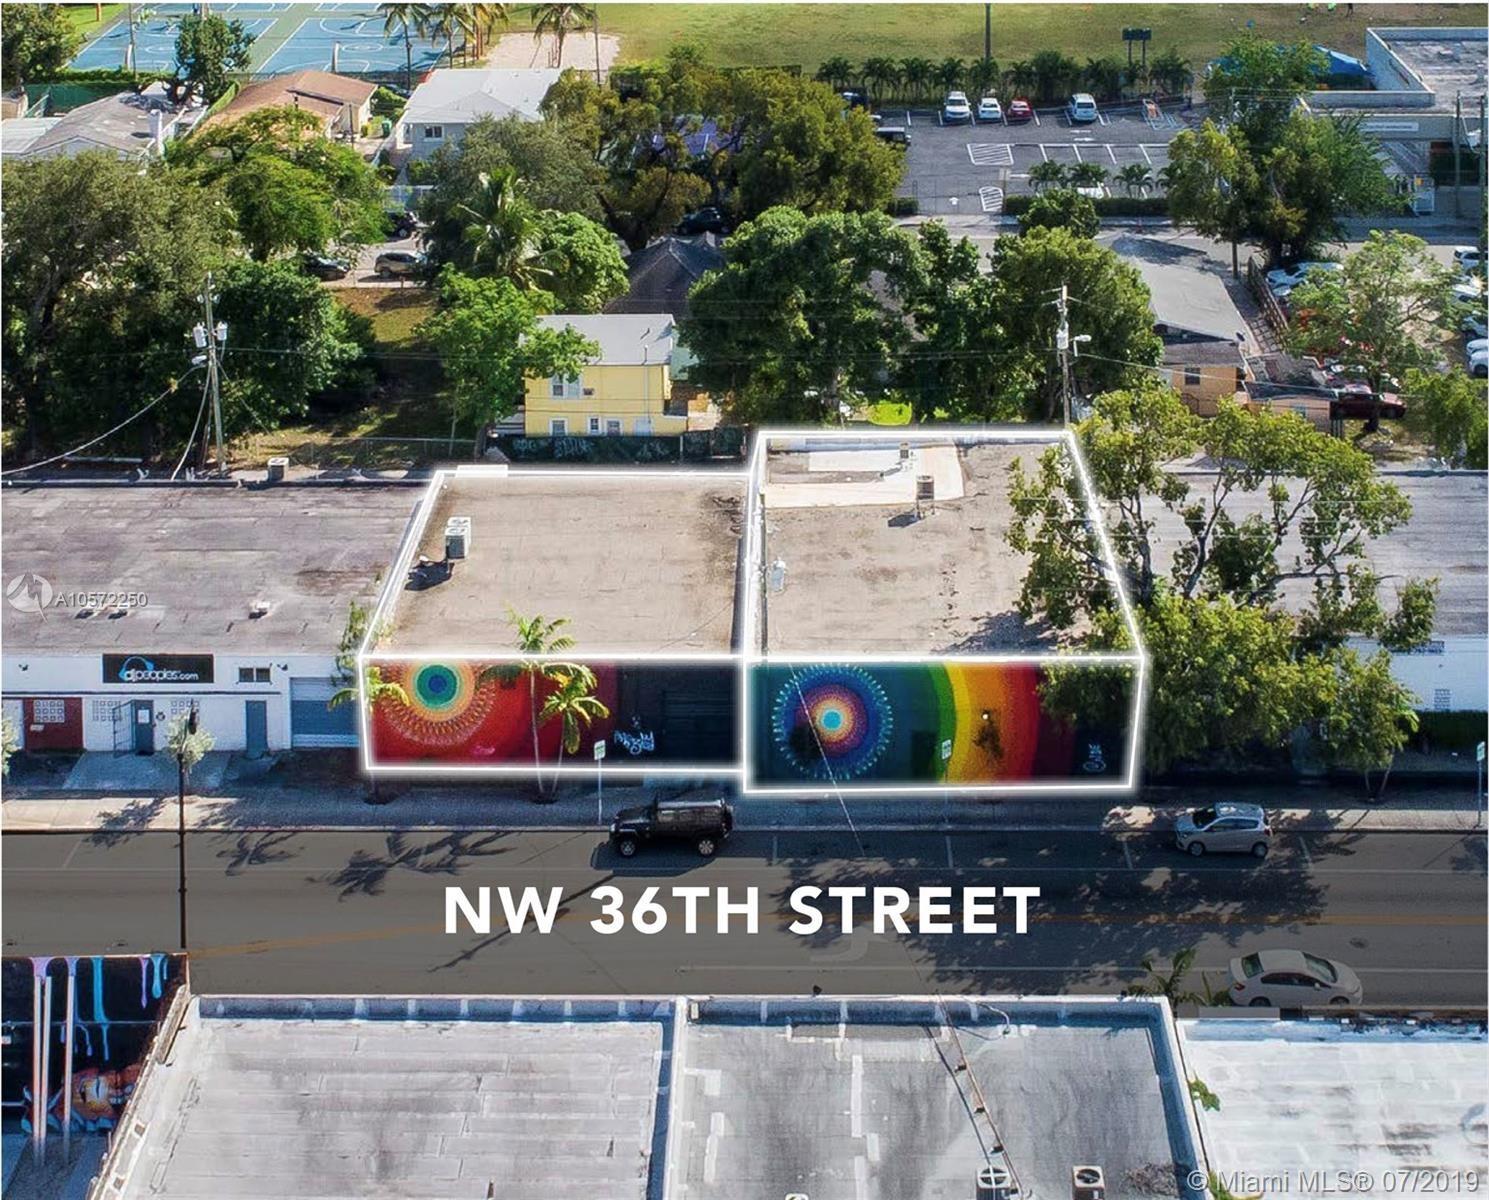 144-150 NW 36th St, Miami, FL 33127